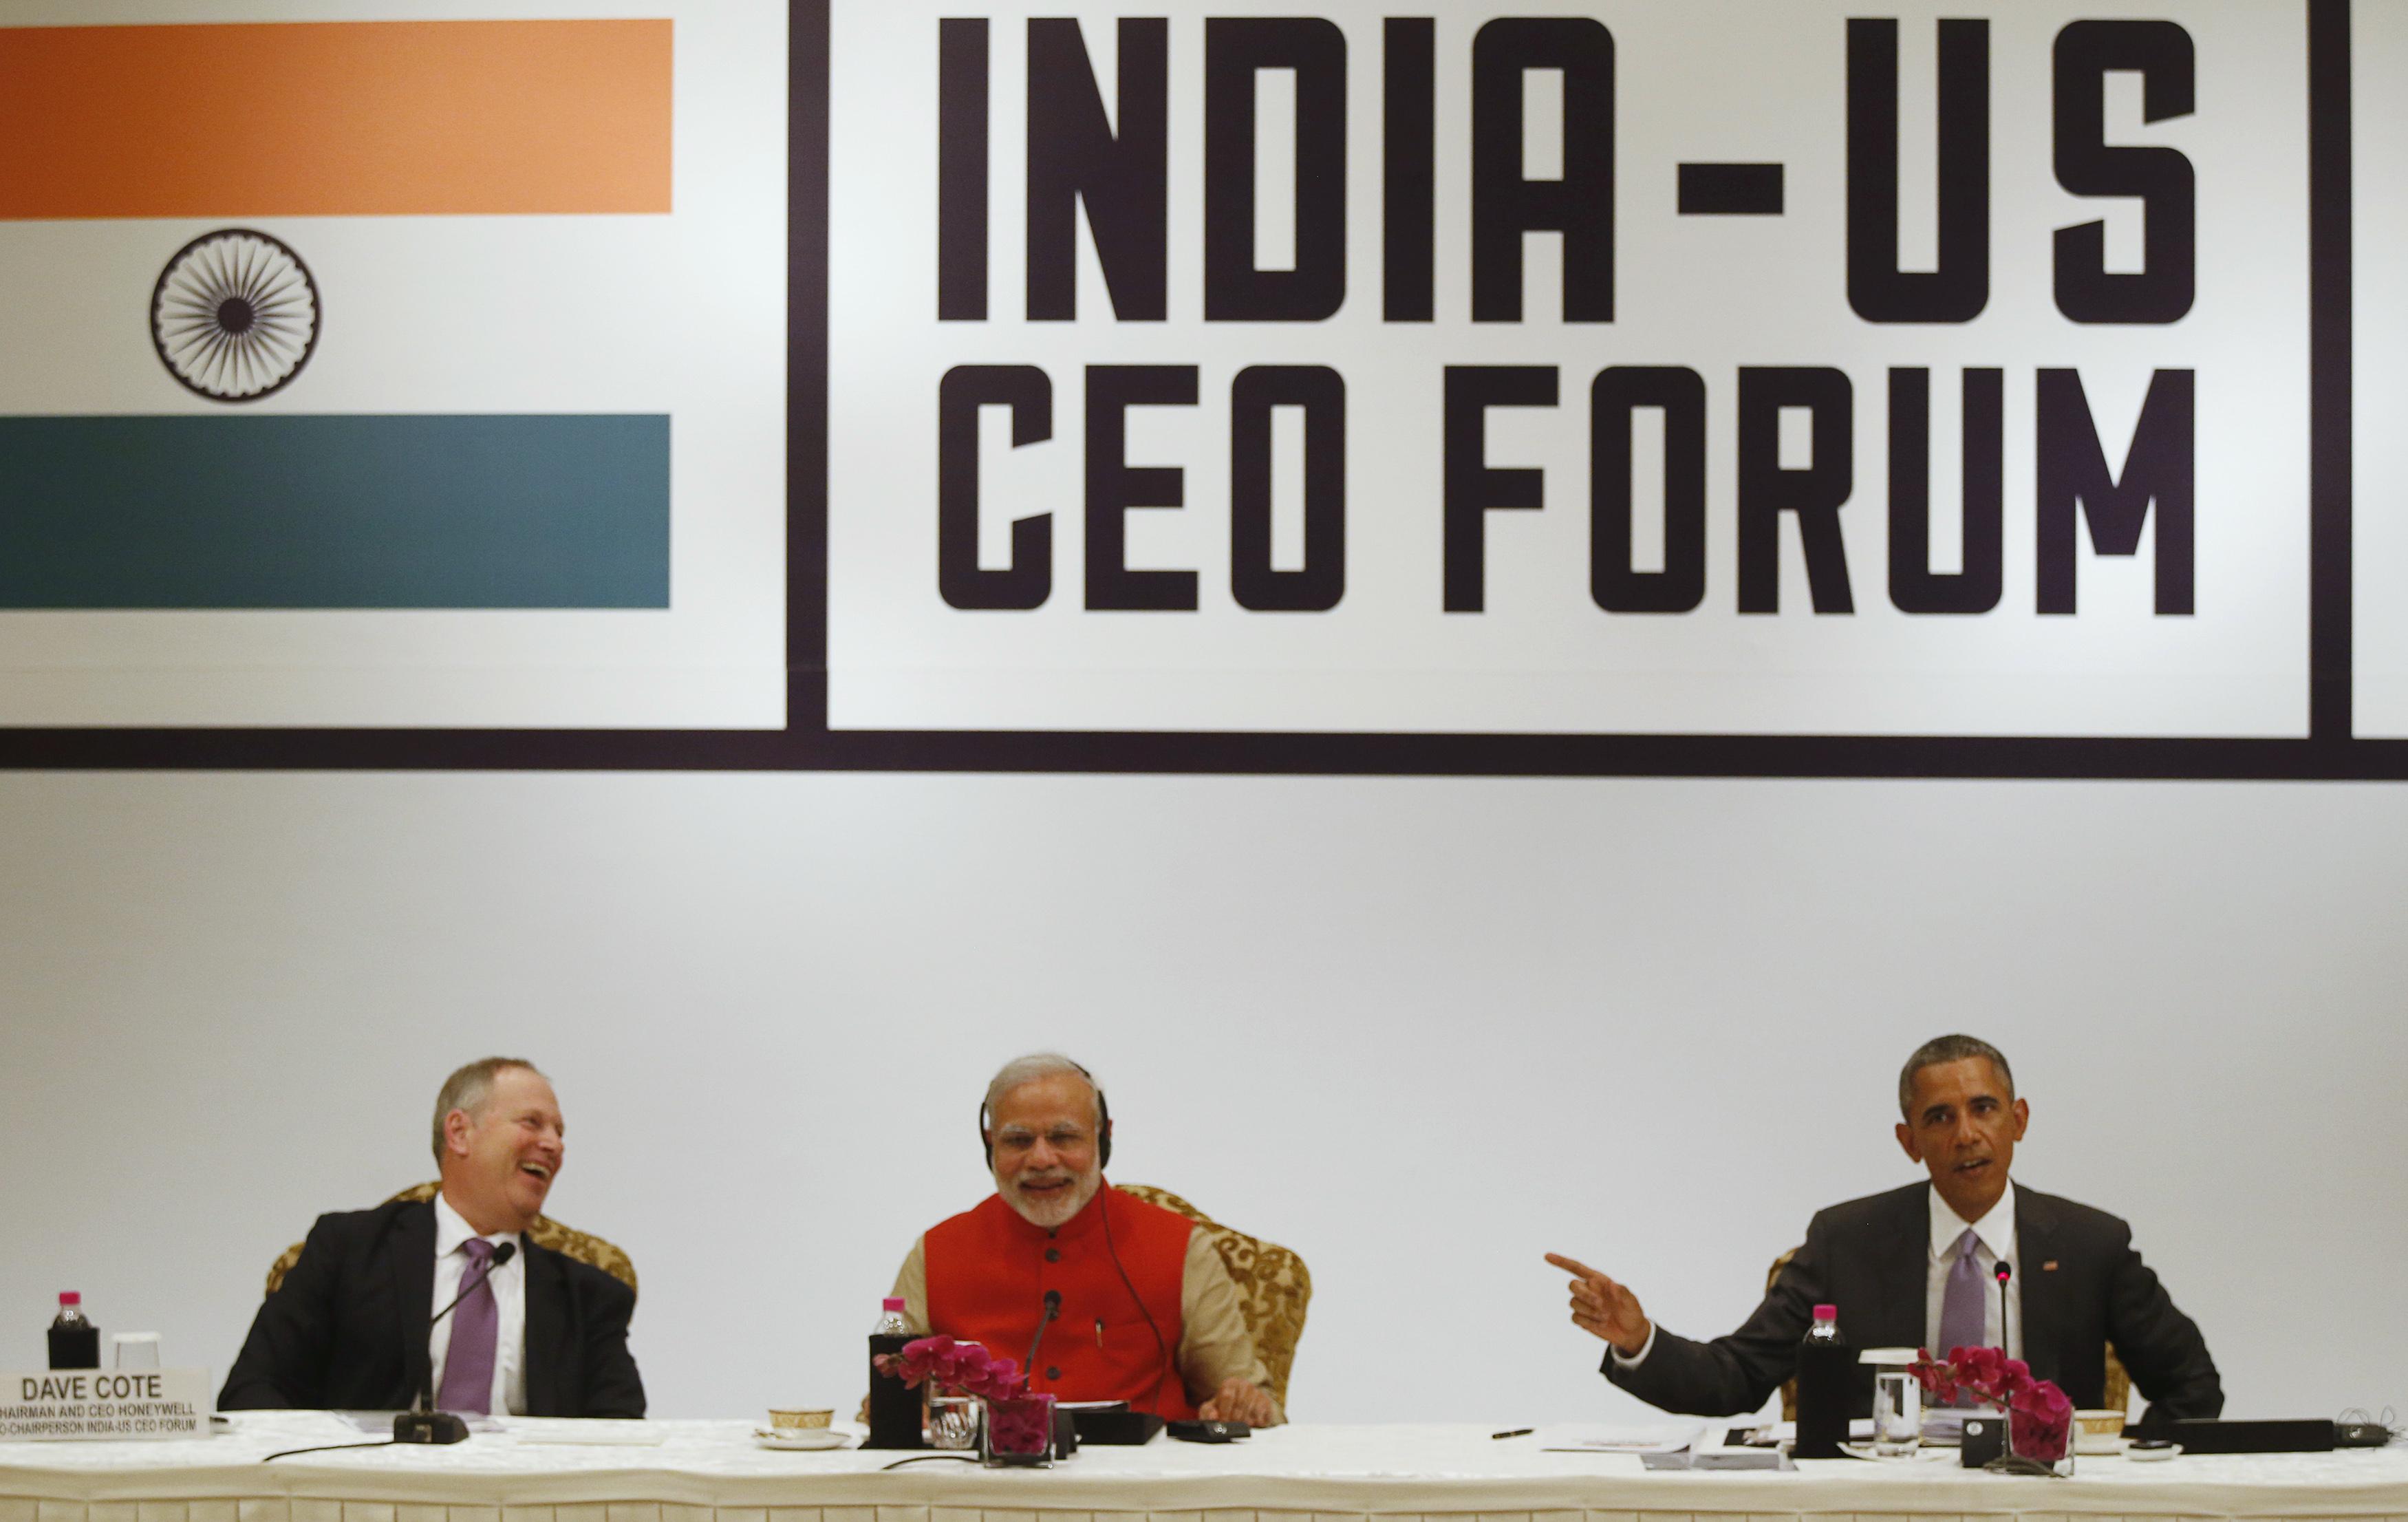 Modi promises predictable tax regime; Obama raises IPR issues